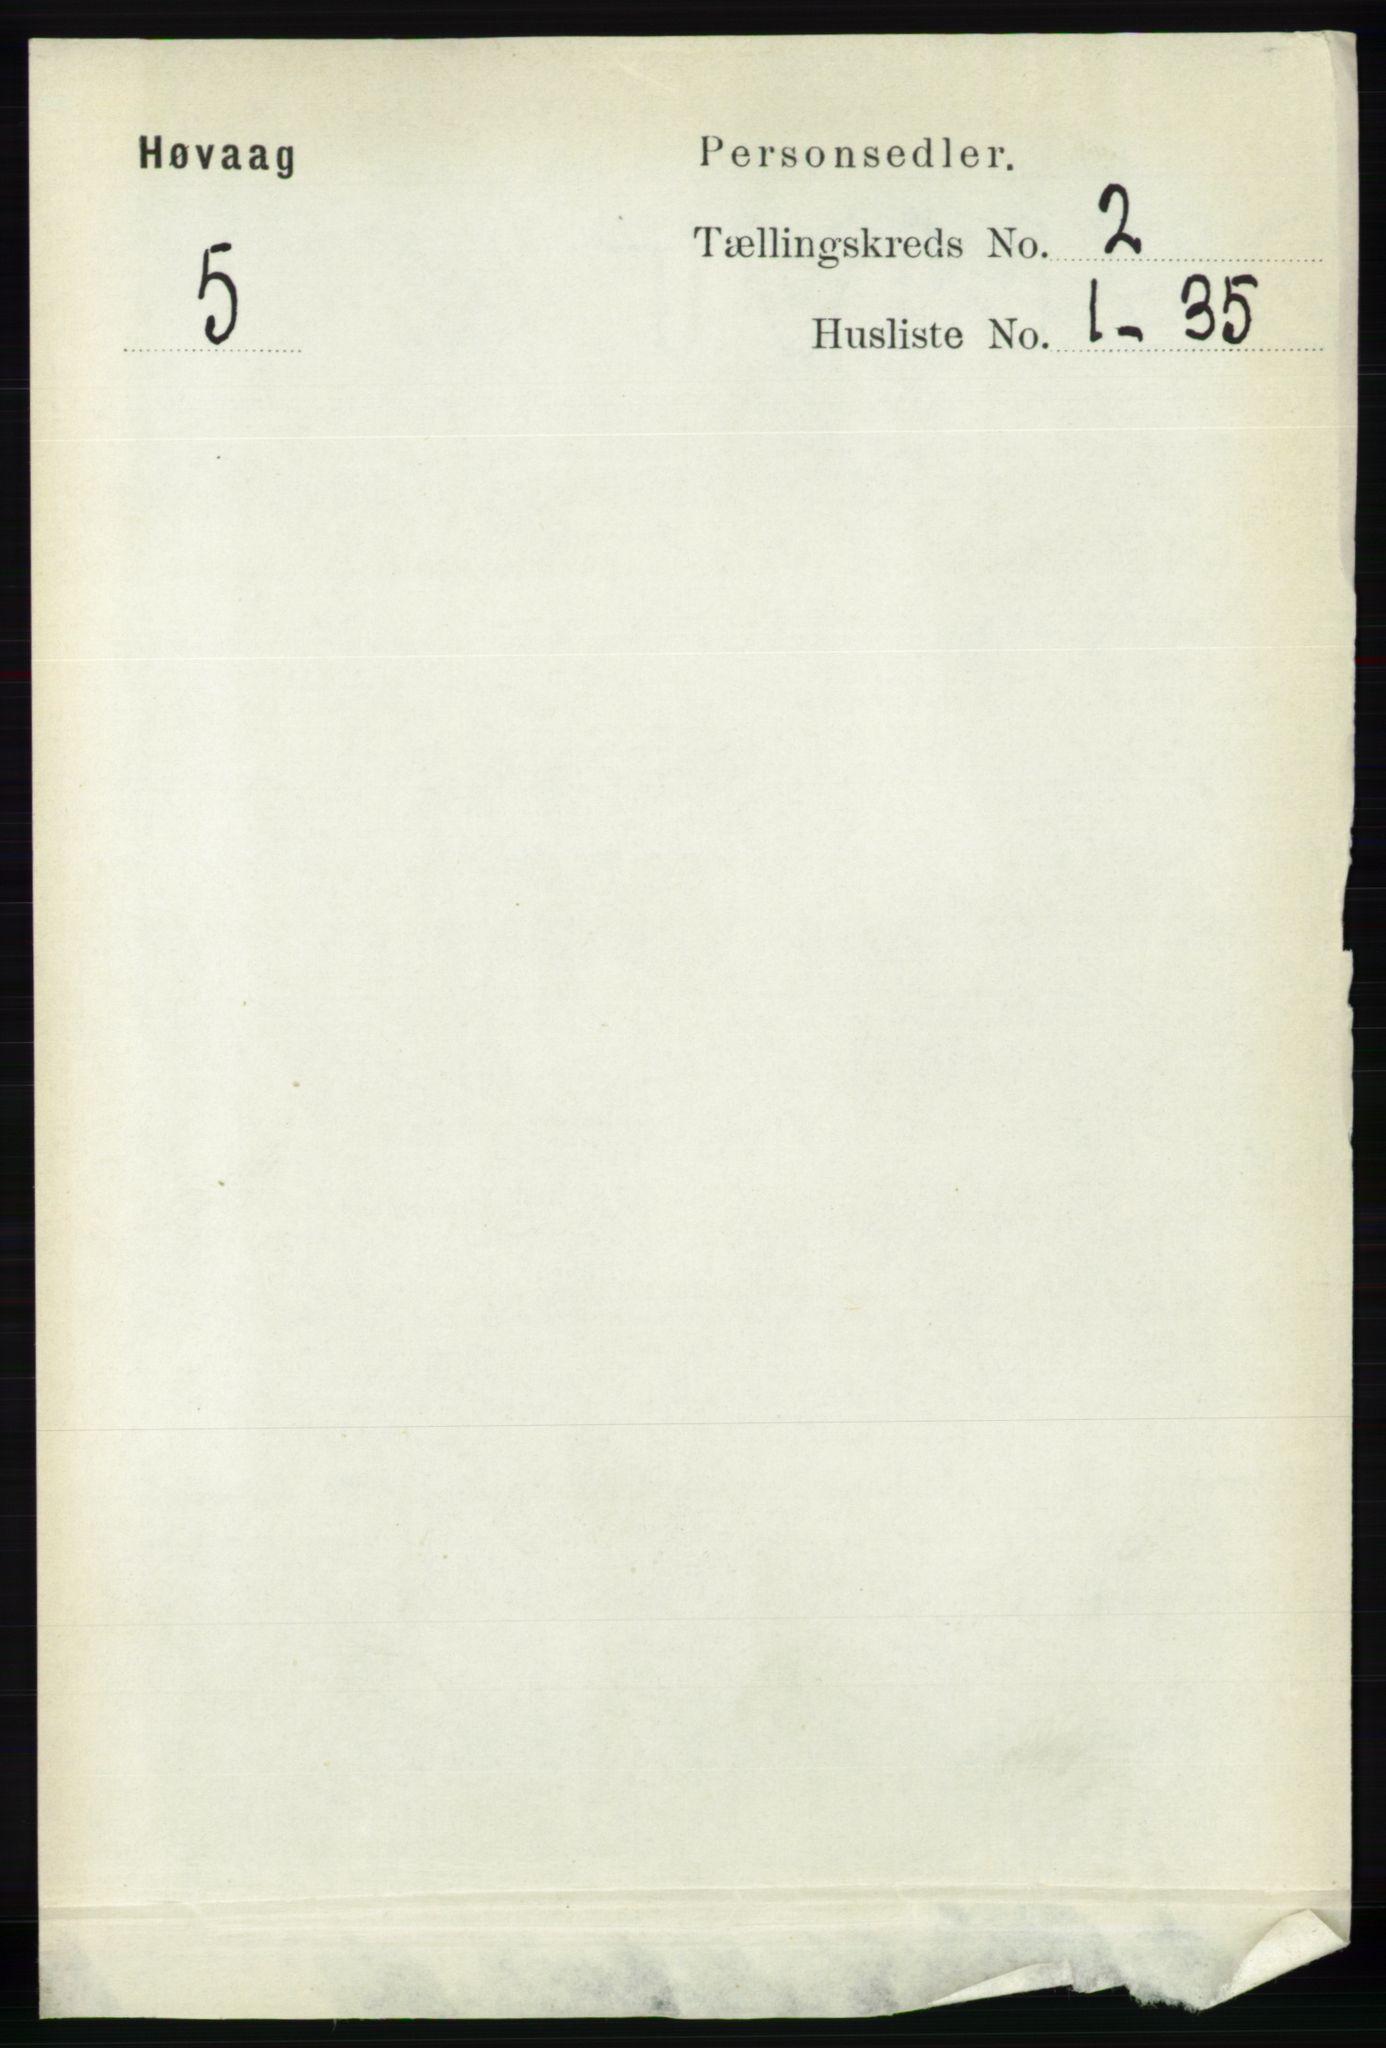 RA, Folketelling 1891 for 0927 Høvåg herred, 1891, s. 538